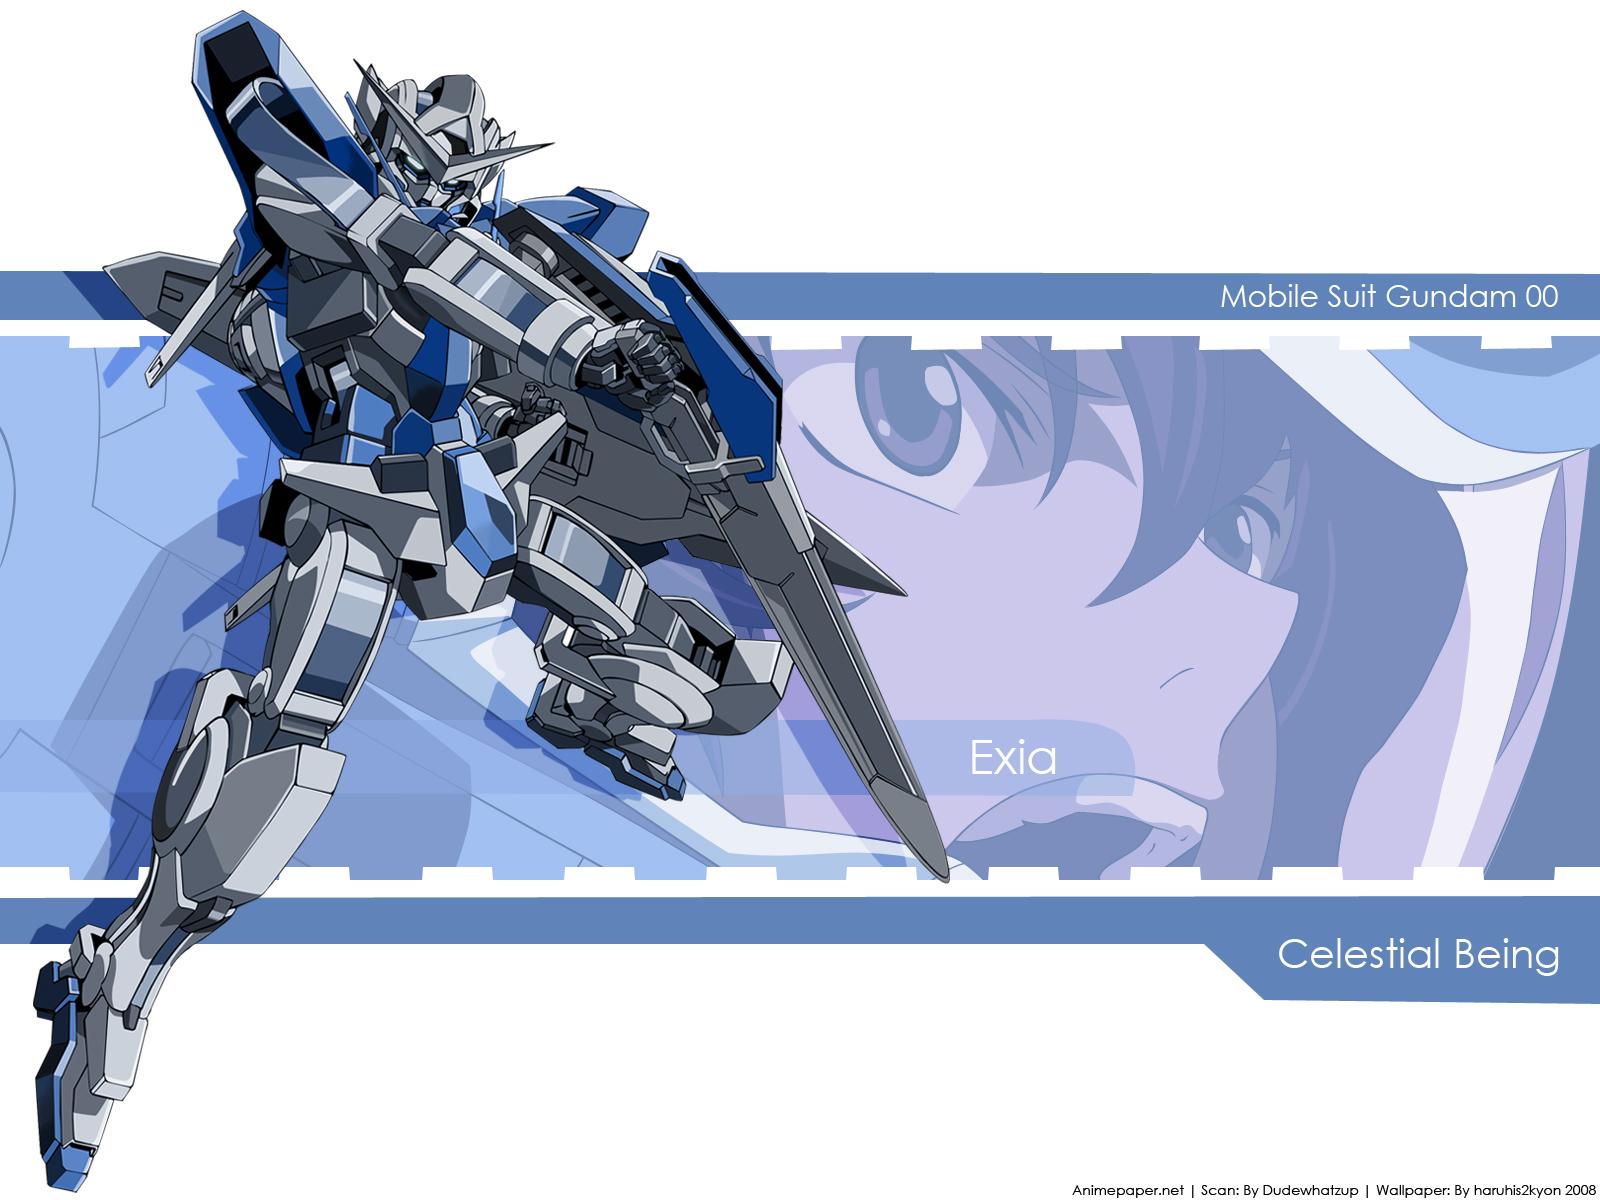 http://3.bp.blogspot.com/_0J7qMz6W0jg/TOYs-rDN8dI/AAAAAAAAAAY/dALB9G9drlA/s1600/animepaperwallpapers_mobile-suit-gundam-00_haruhis2kyon133_1600x1200_71293.jpg